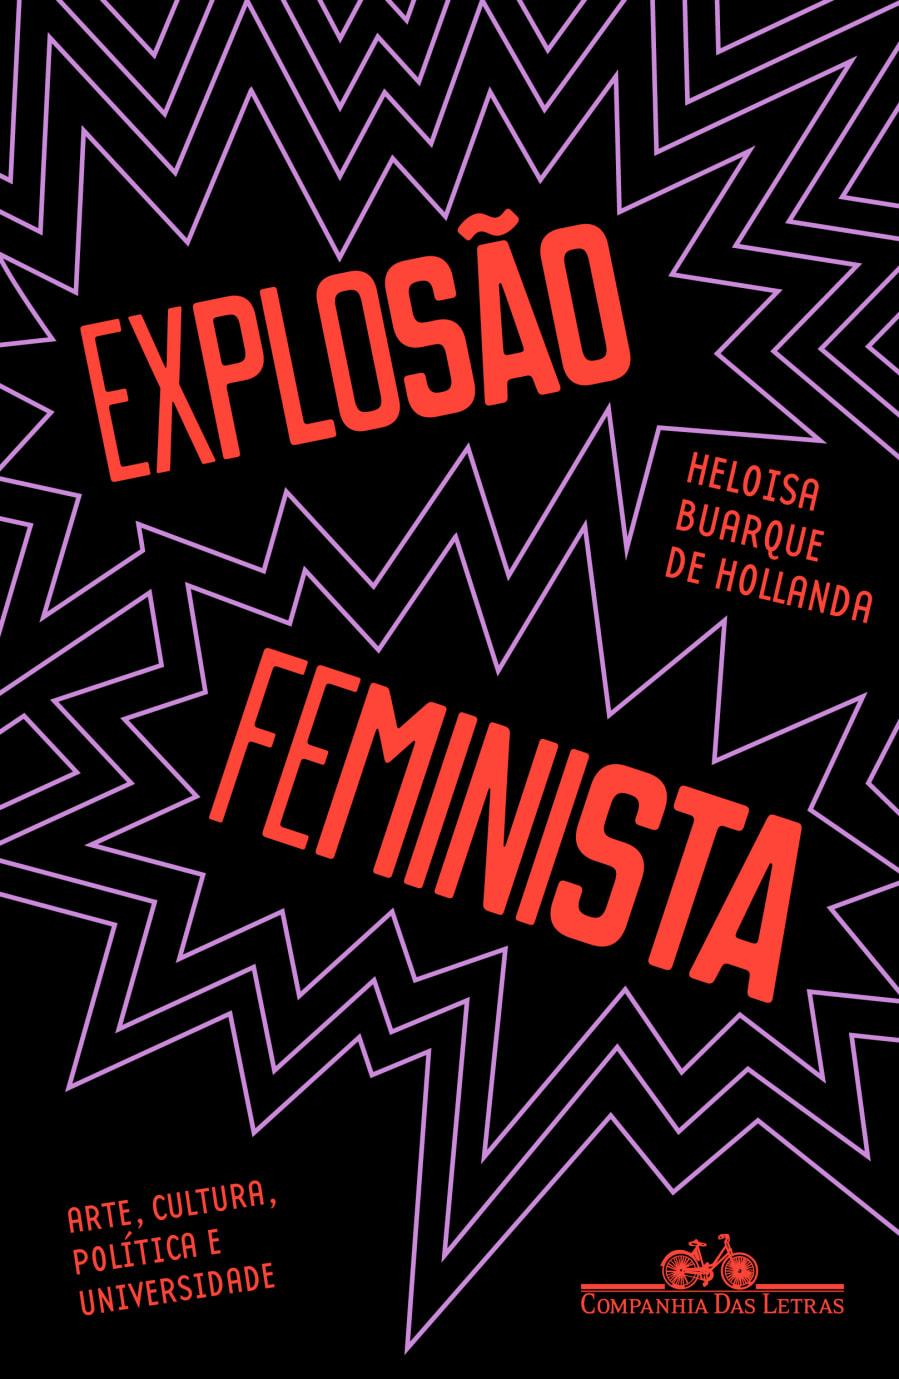 """""""Explosão Feminista"""" foi lançado pela Companhia das Letras em dezembro de 2018."""